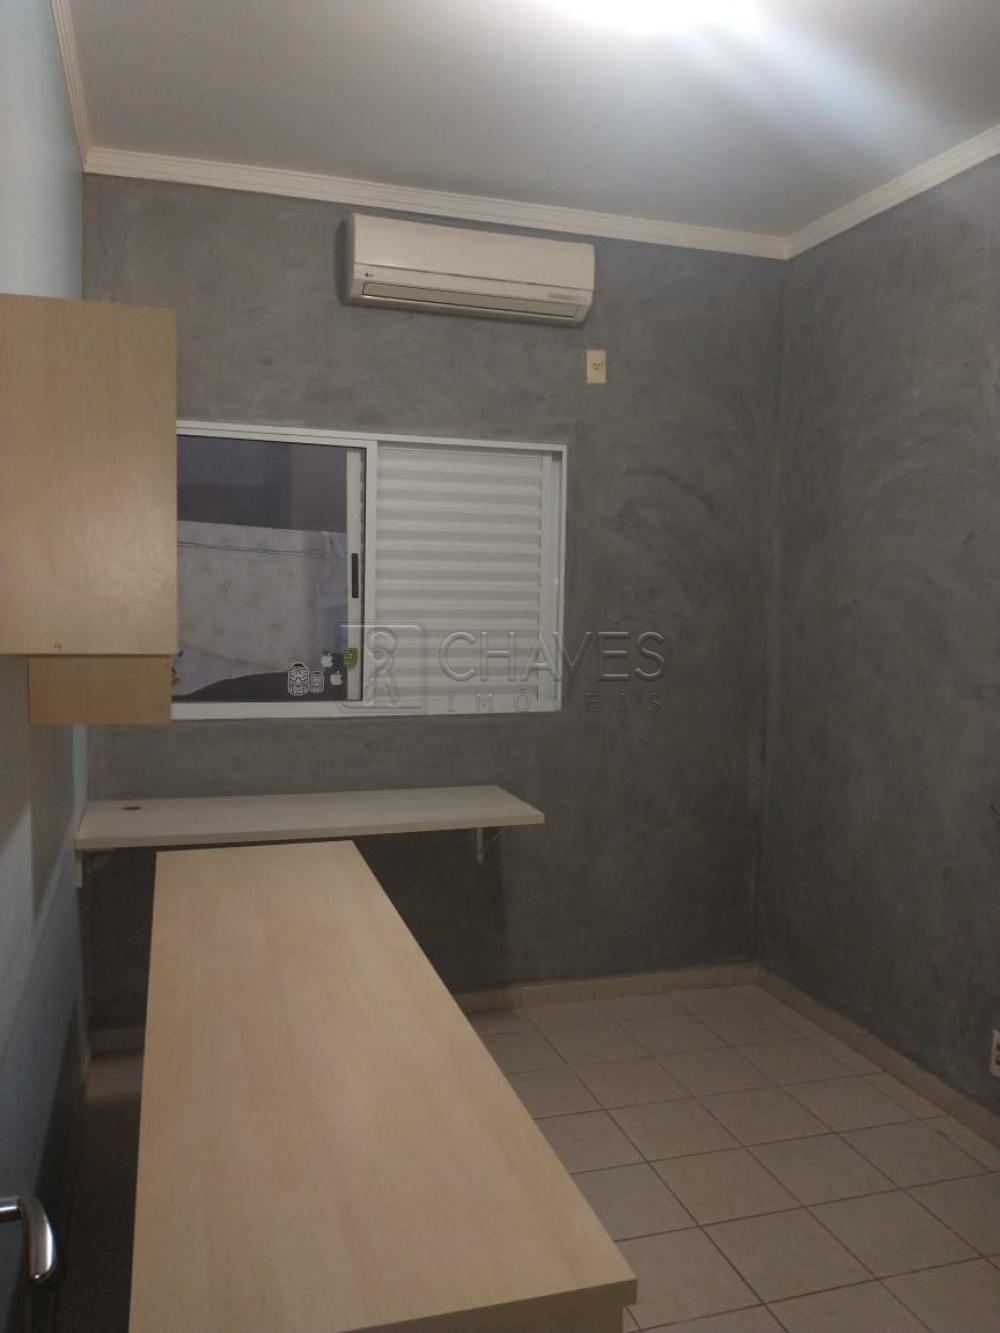 Alugar Casa / Condomínio em Bonfim Paulista R$ 3.500,00 - Foto 10